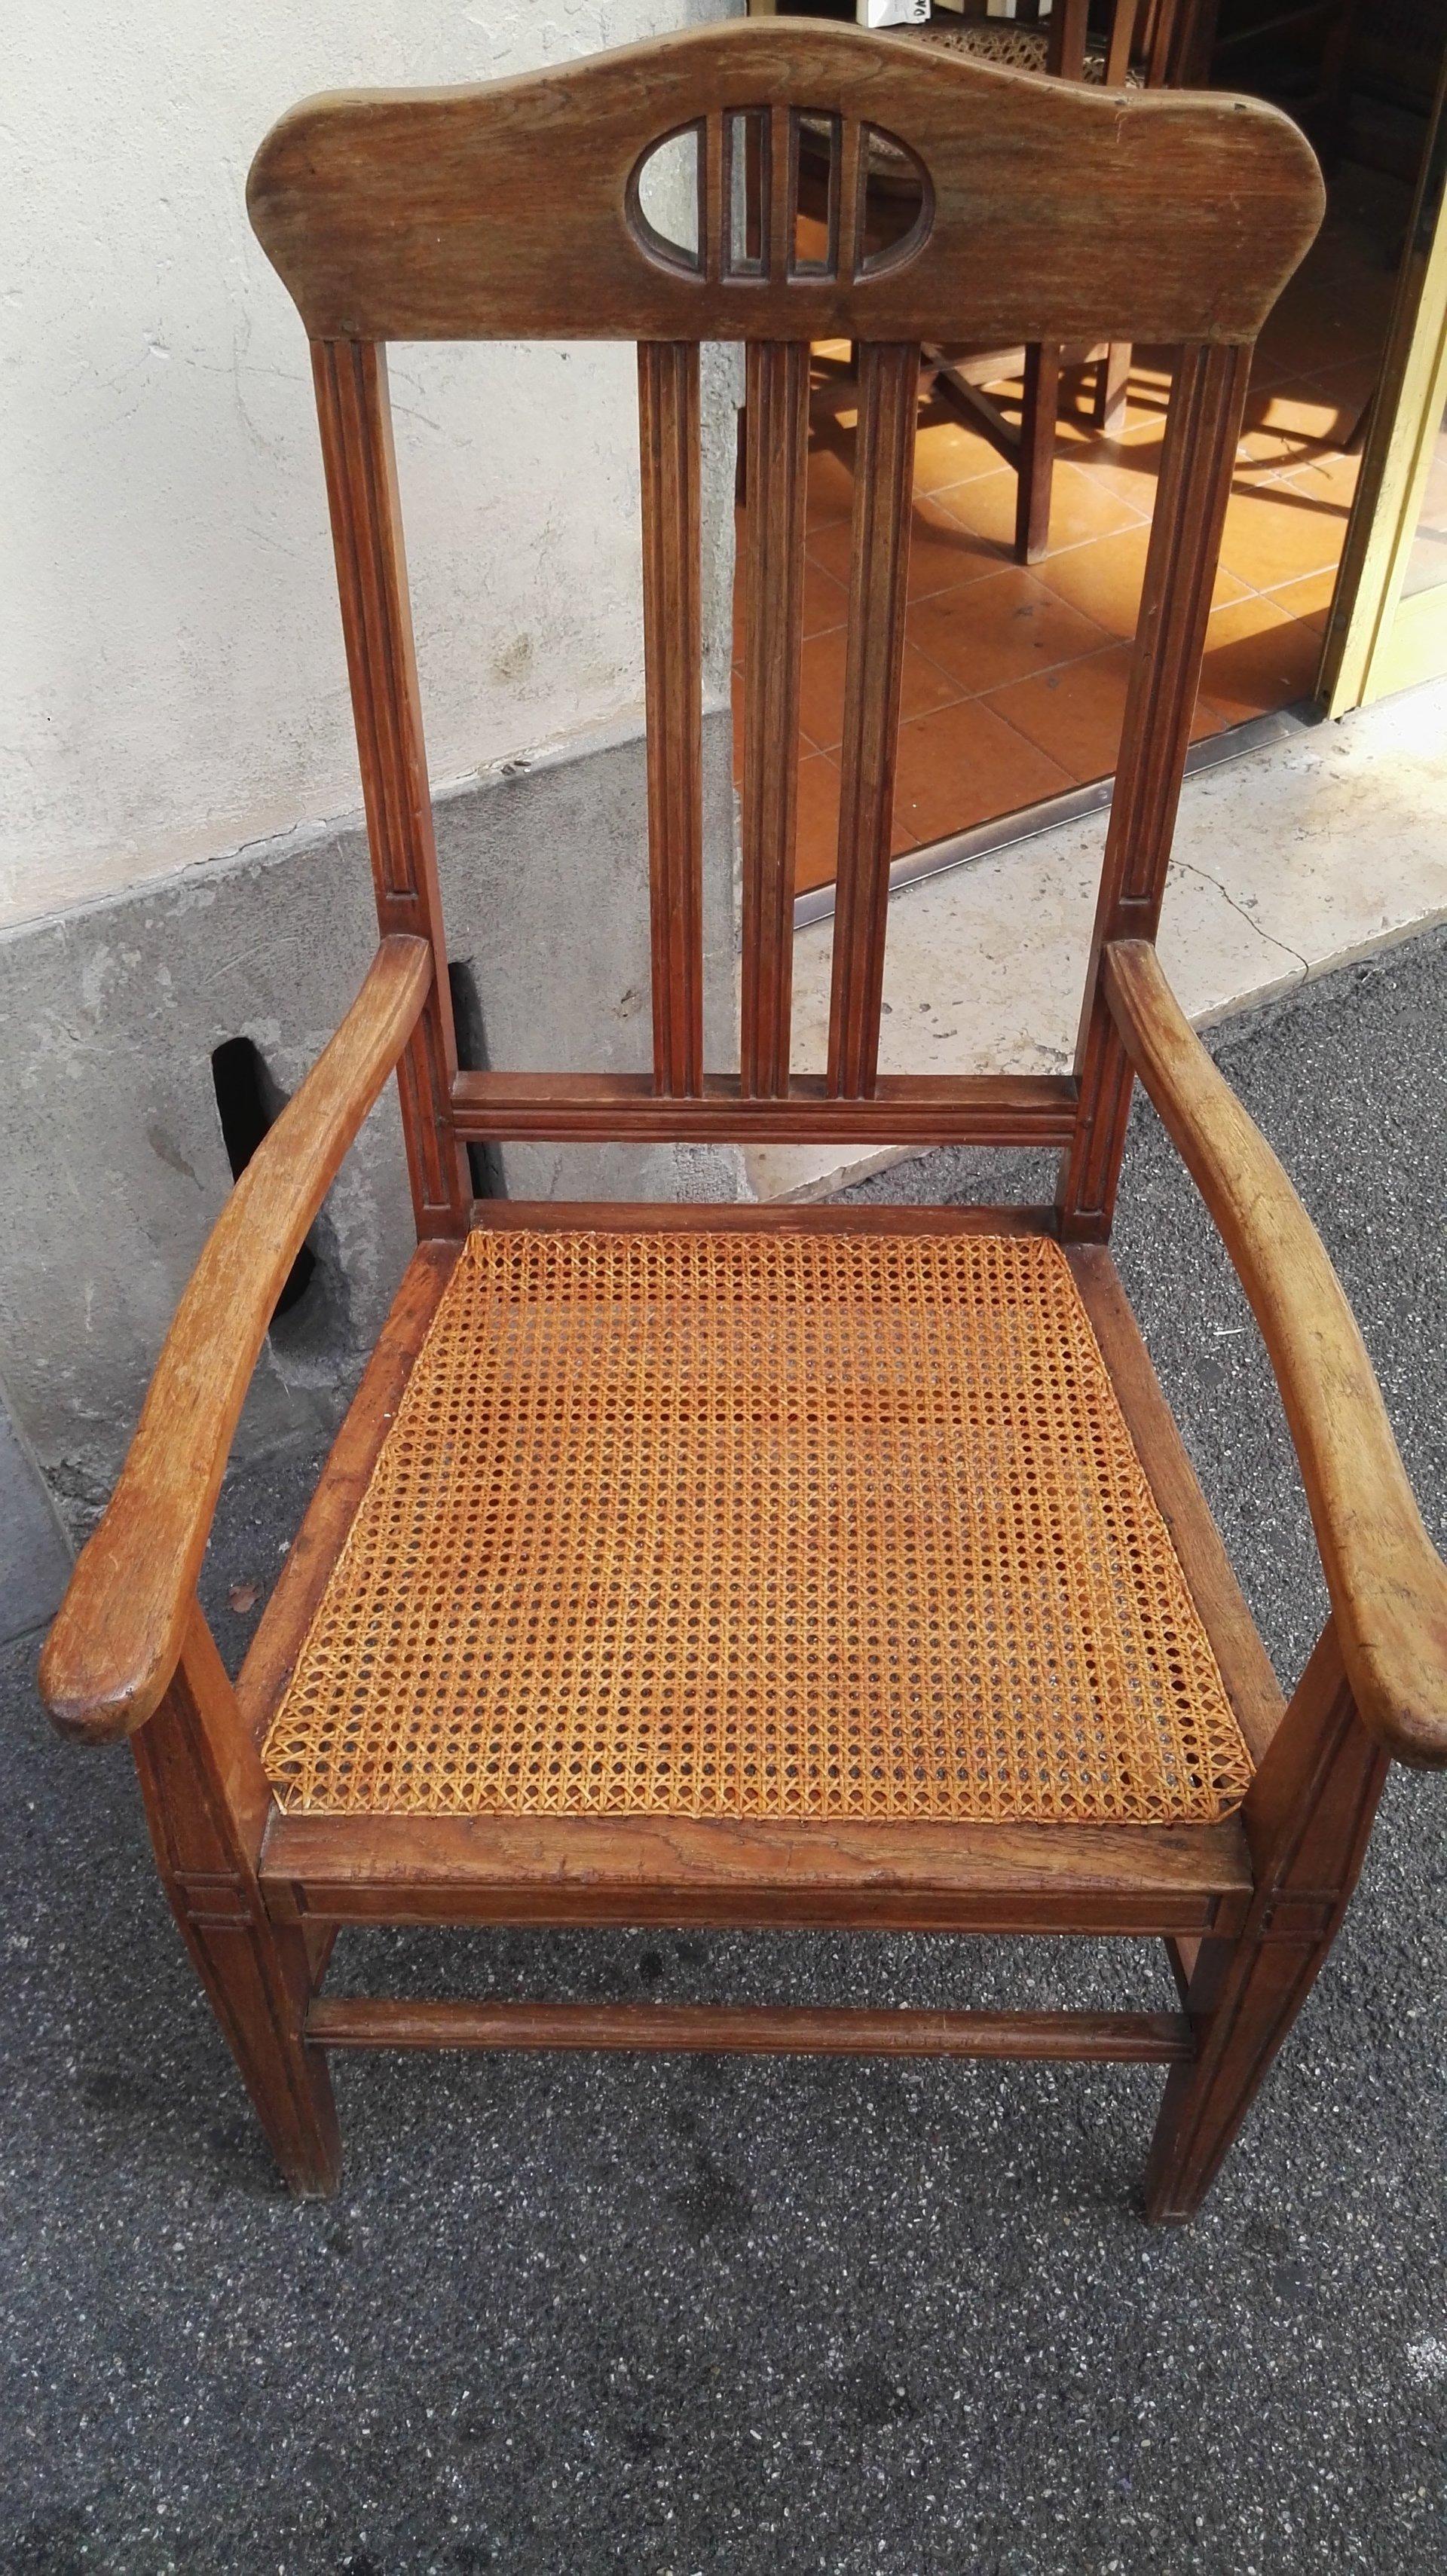 sedia con manici  e alto schienale in legno e seduta di paglia intrecciata